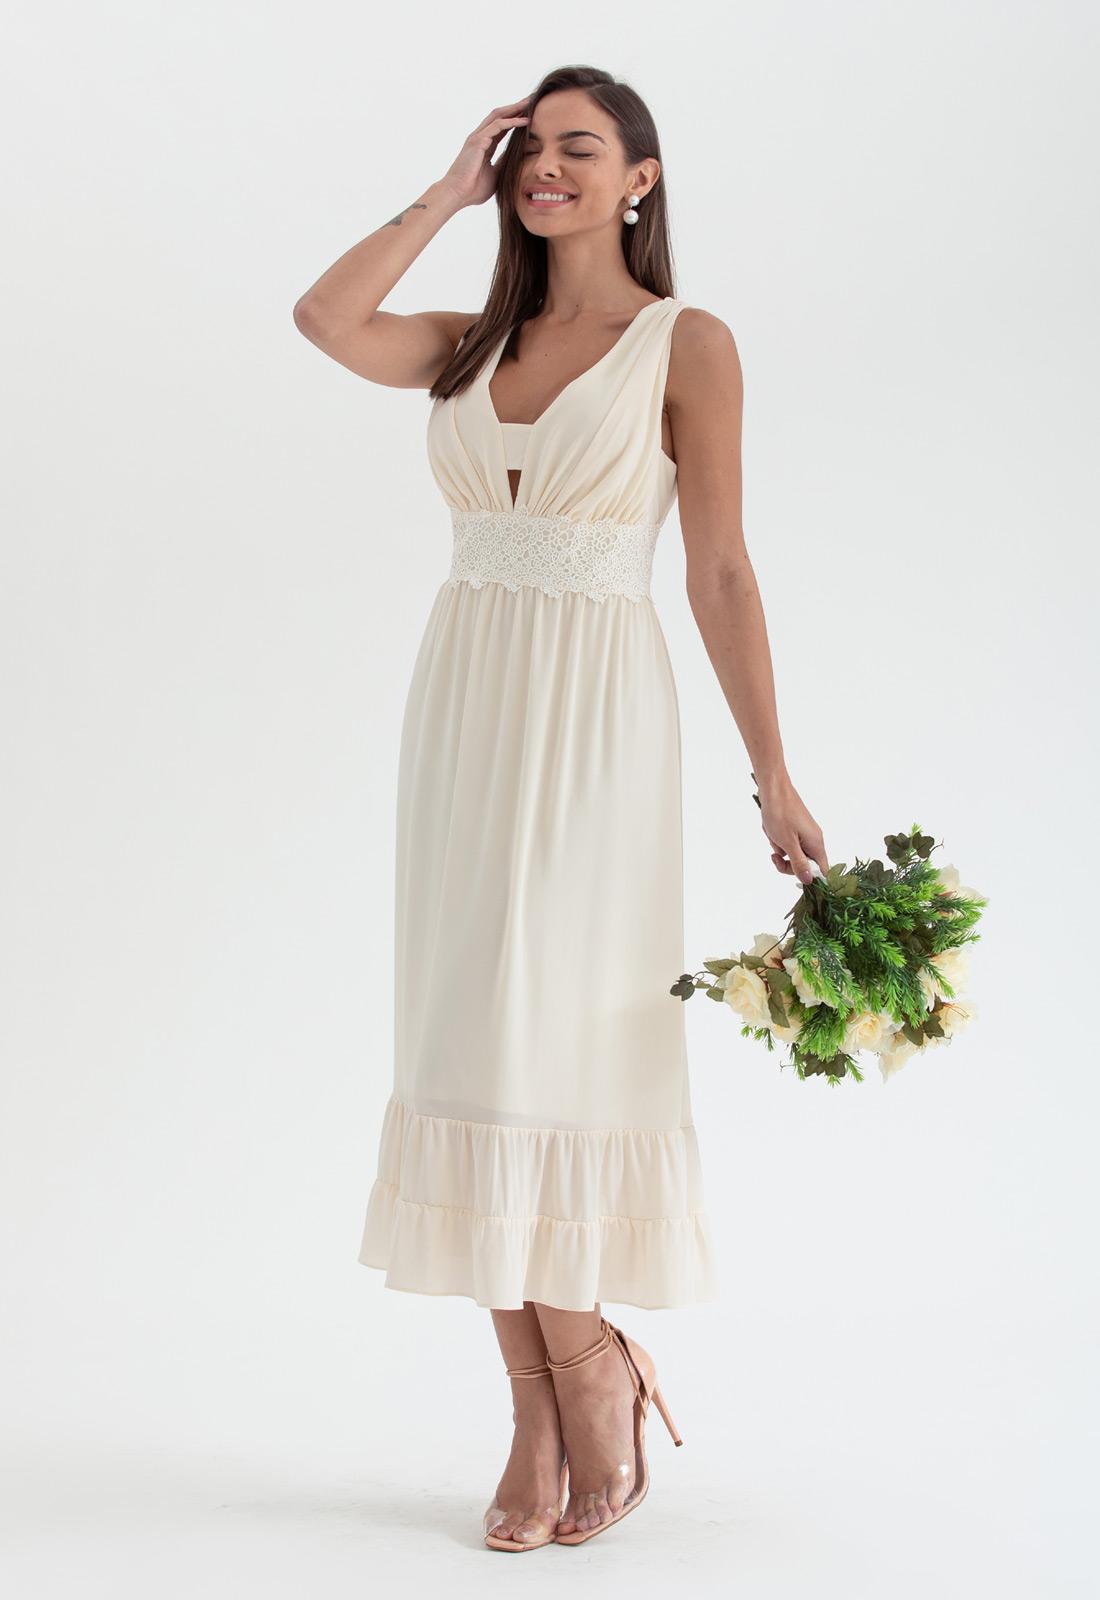 Vestido de festa midi branco - Ref. 2691